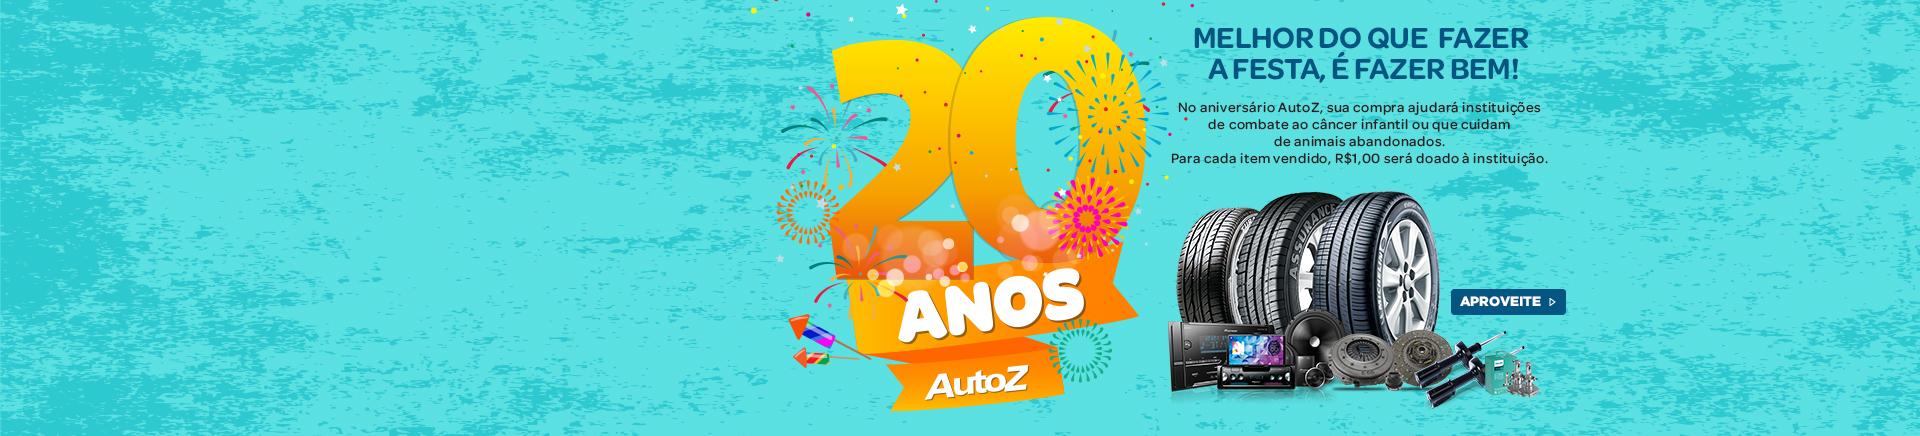 Aniversario AutoZ - Institucional